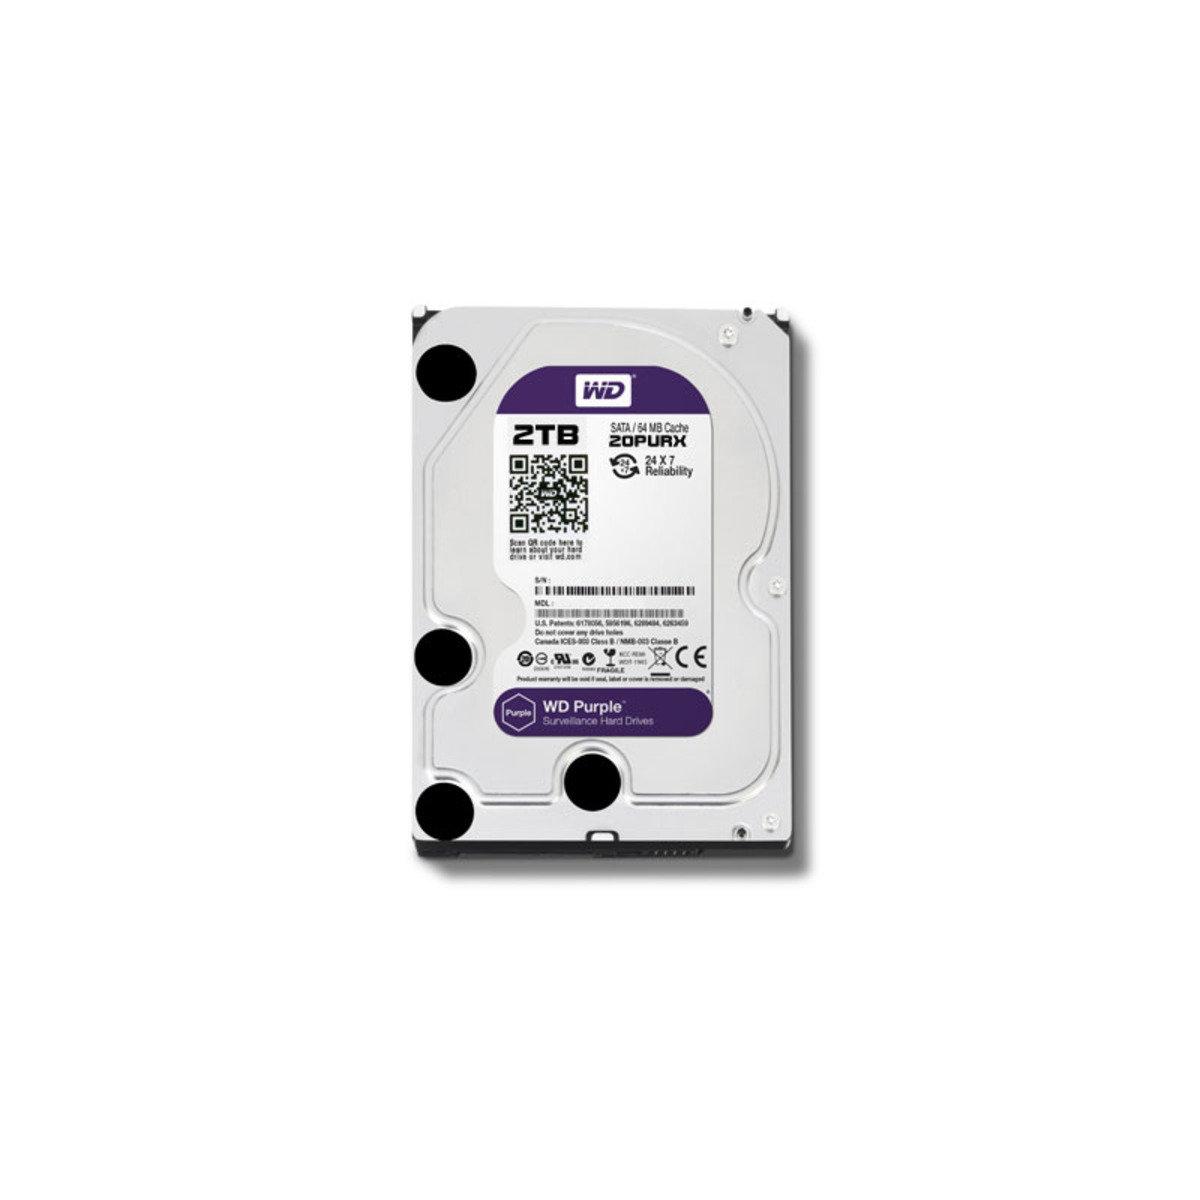 3.5 吋 錄影專用 2TB SATA 內置硬碟 20PURX